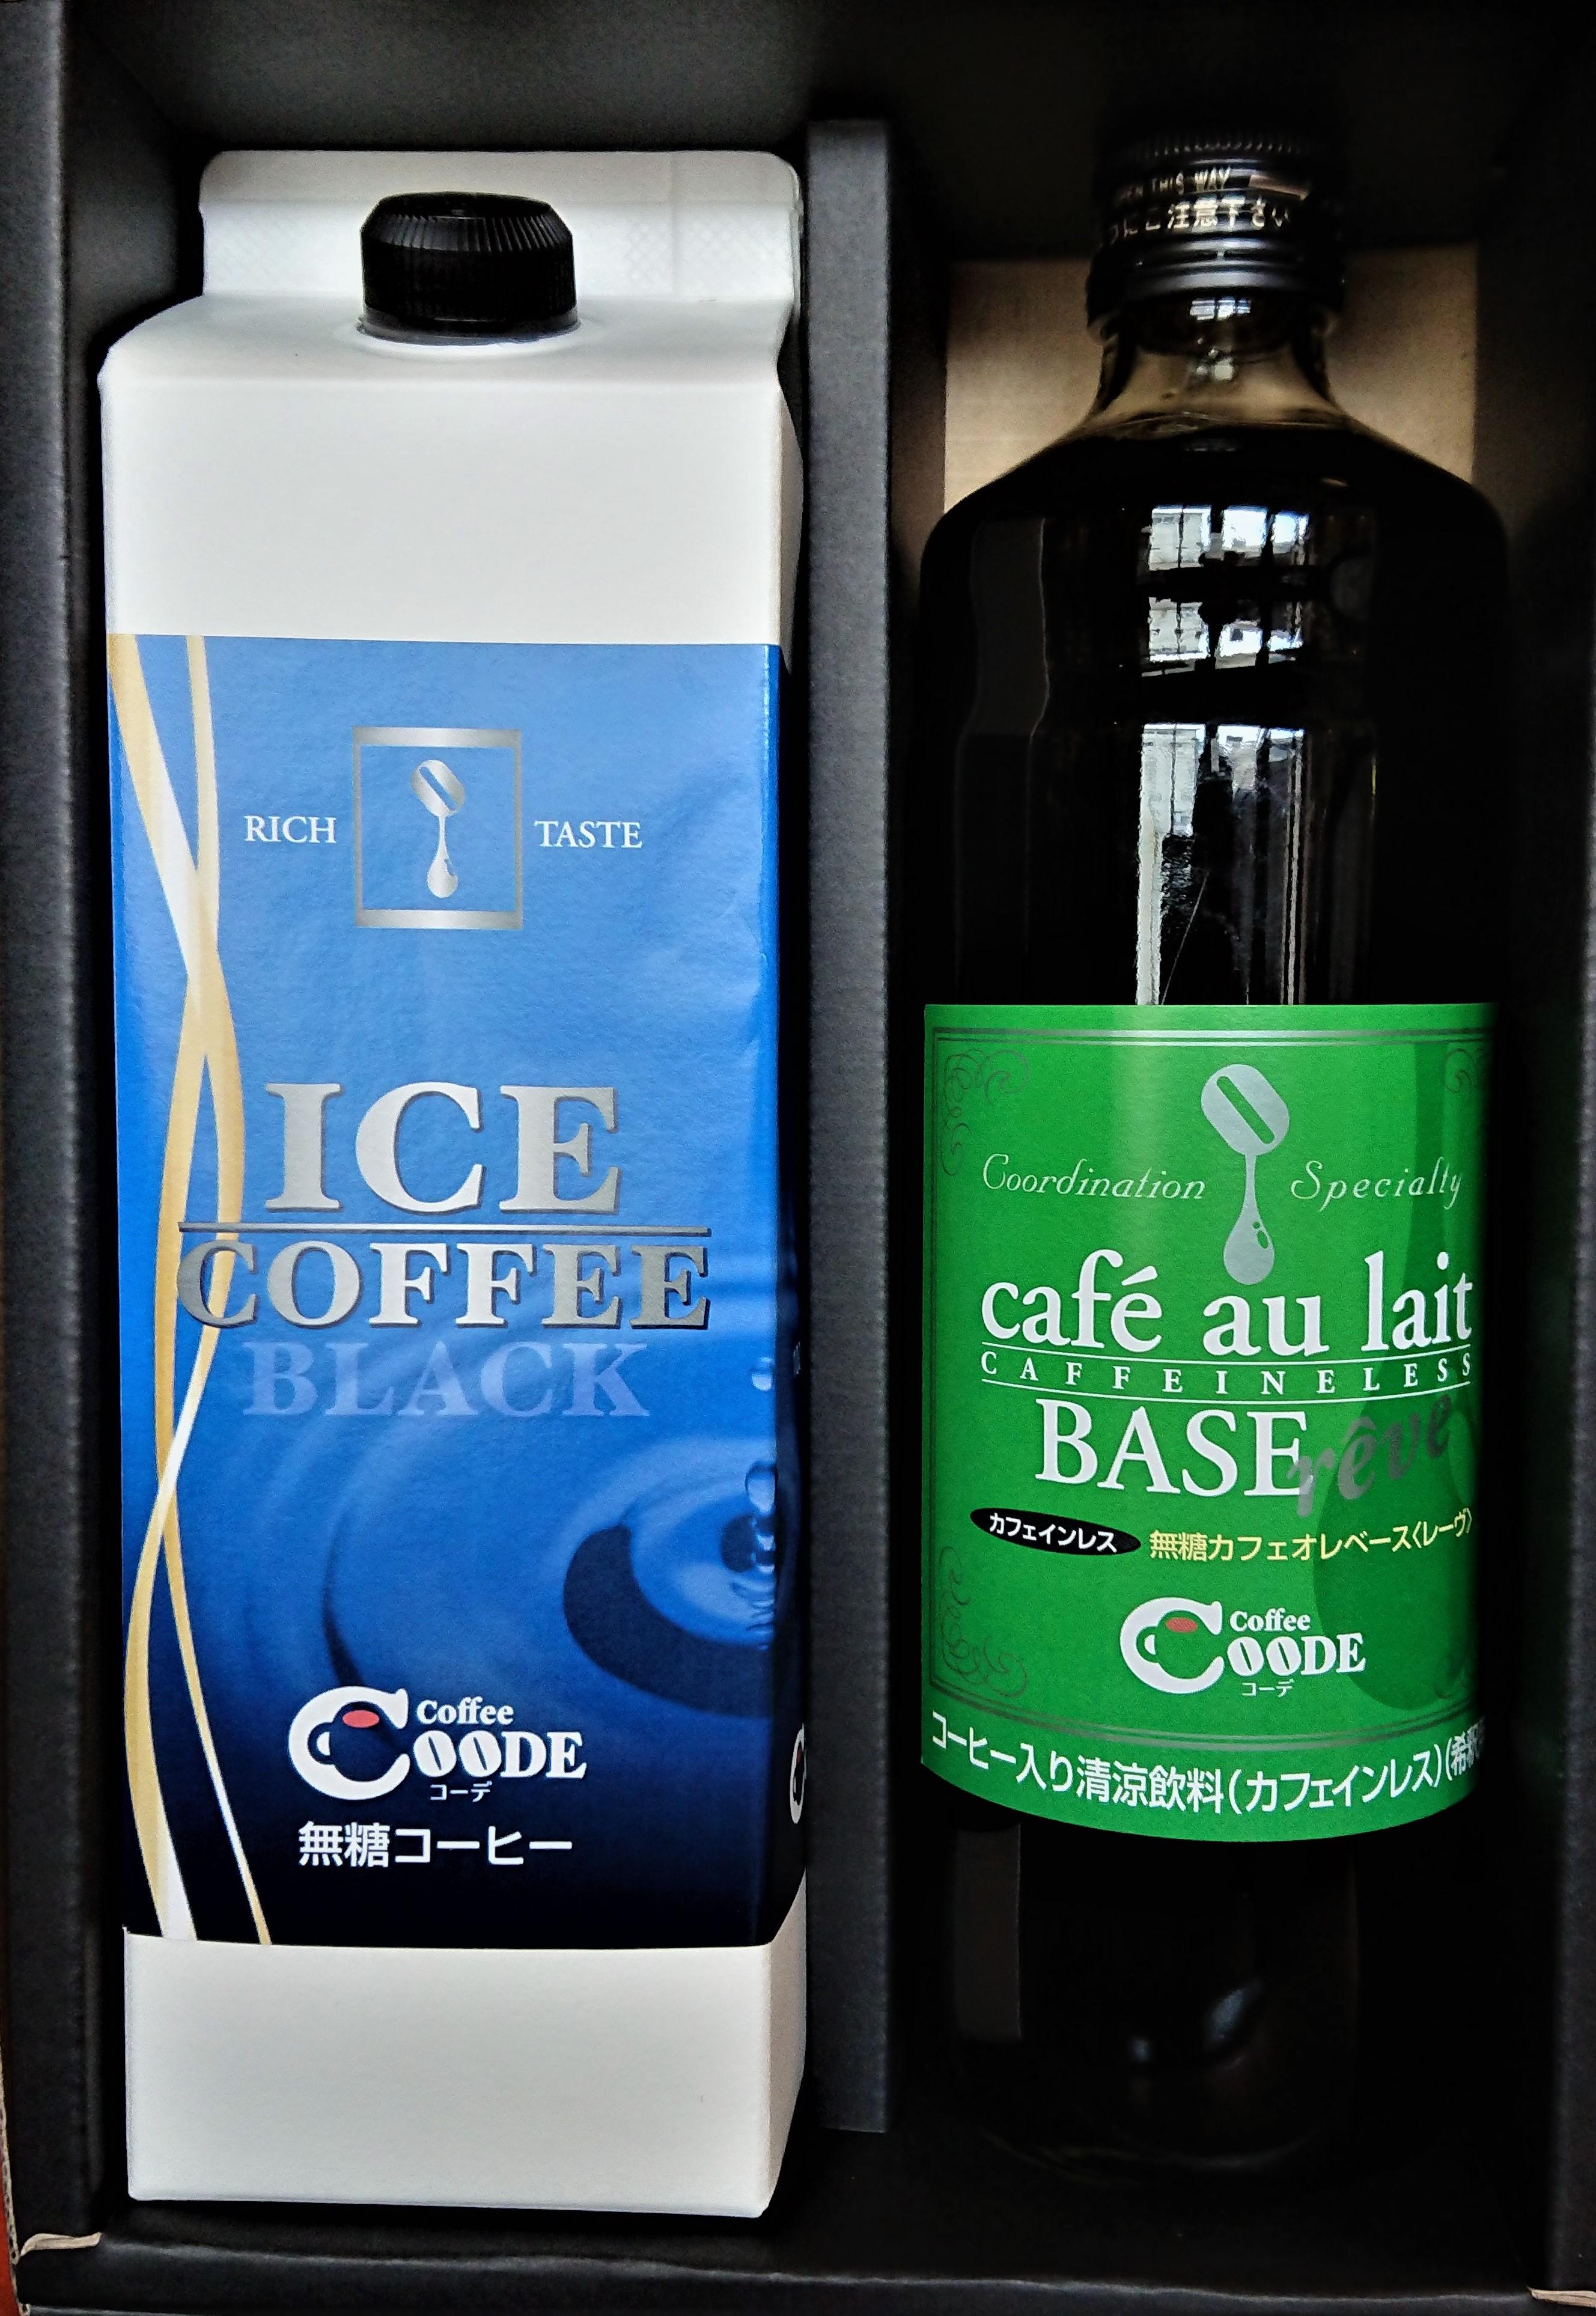 ギフトケース入 アイスコーヒー無糖1リットル+カフェオレベース